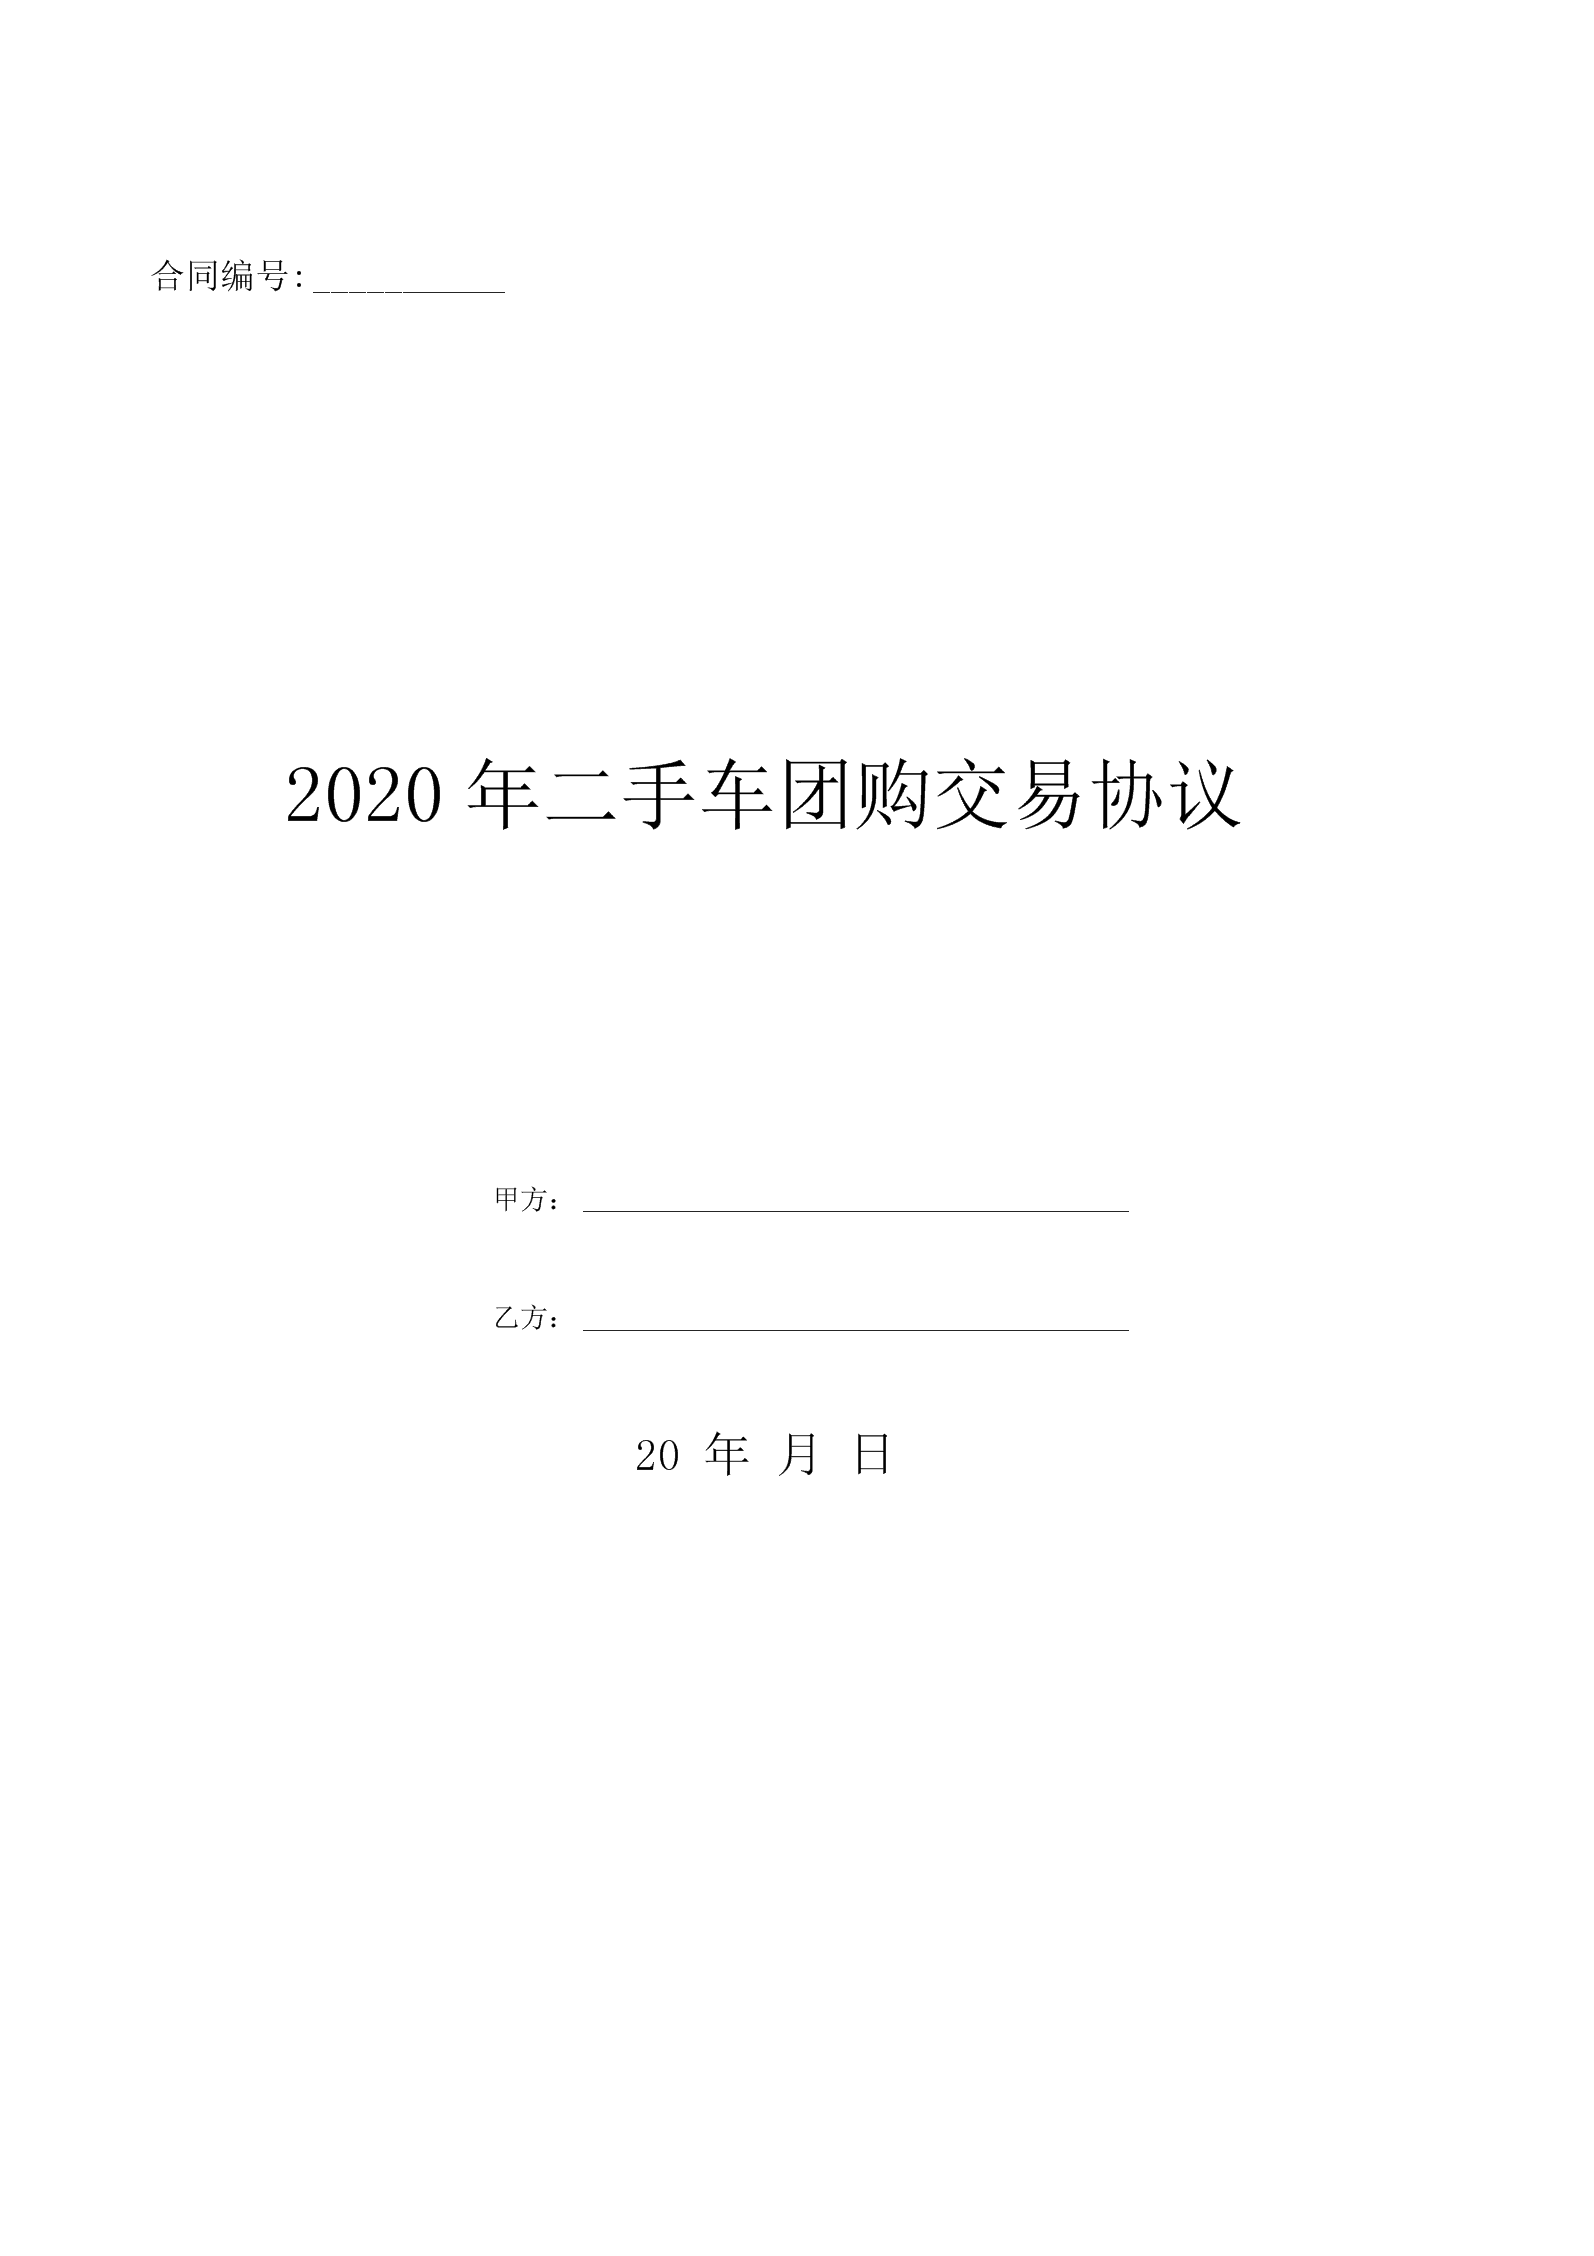 2020年二手车团购交易协议.docx